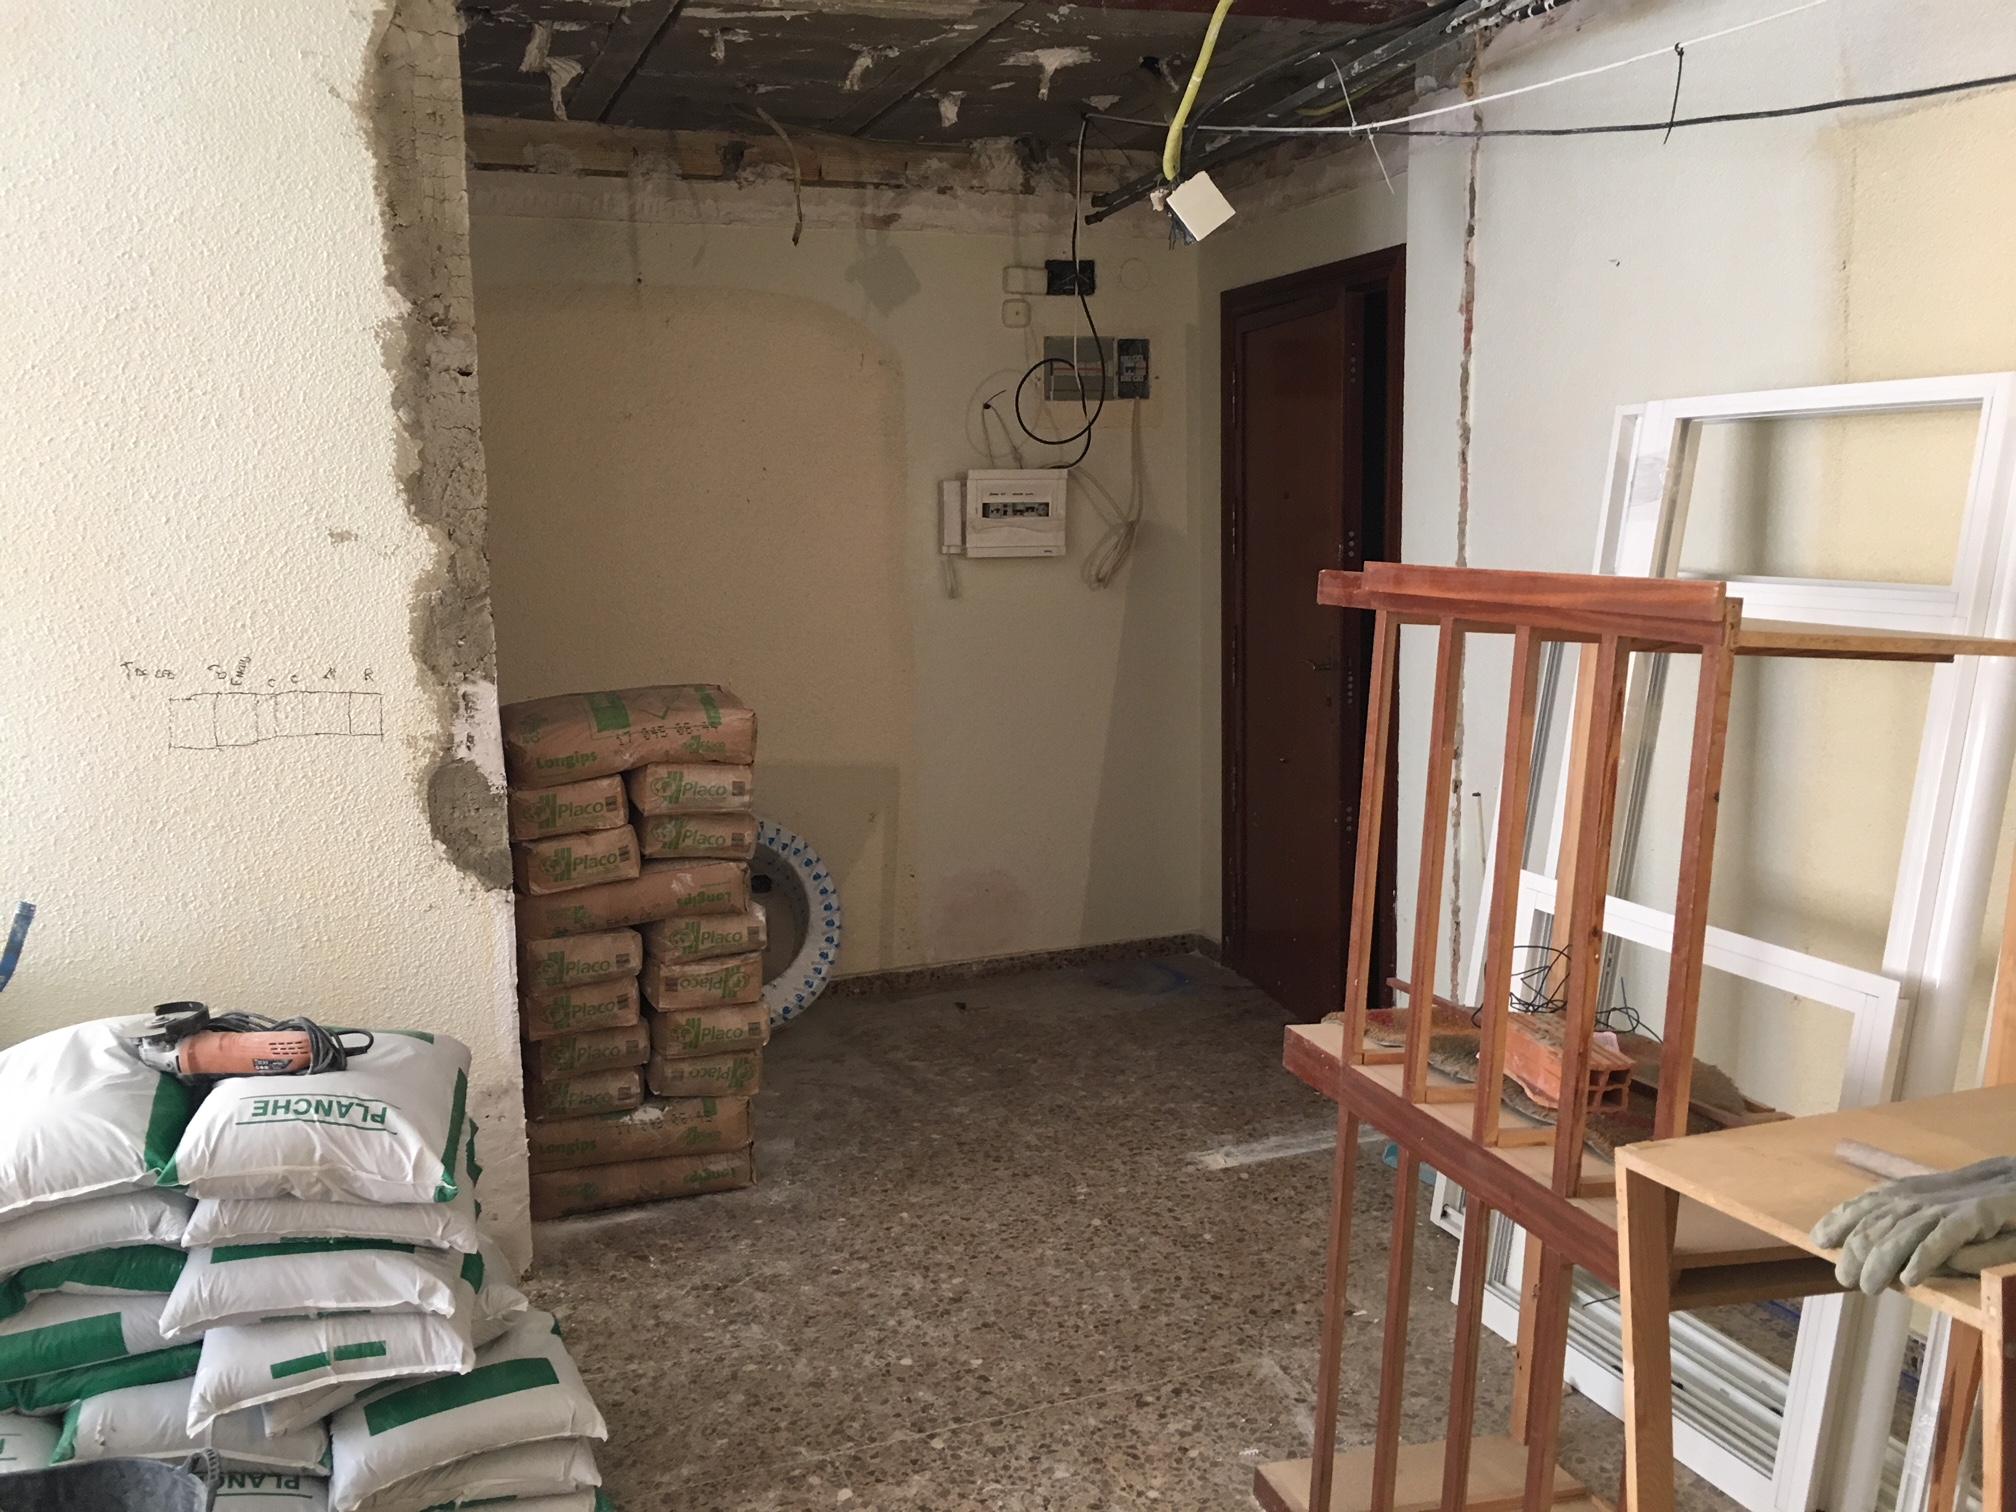 proyectos-interiorismo-interioristas-reformas-viviendas-particulares-19